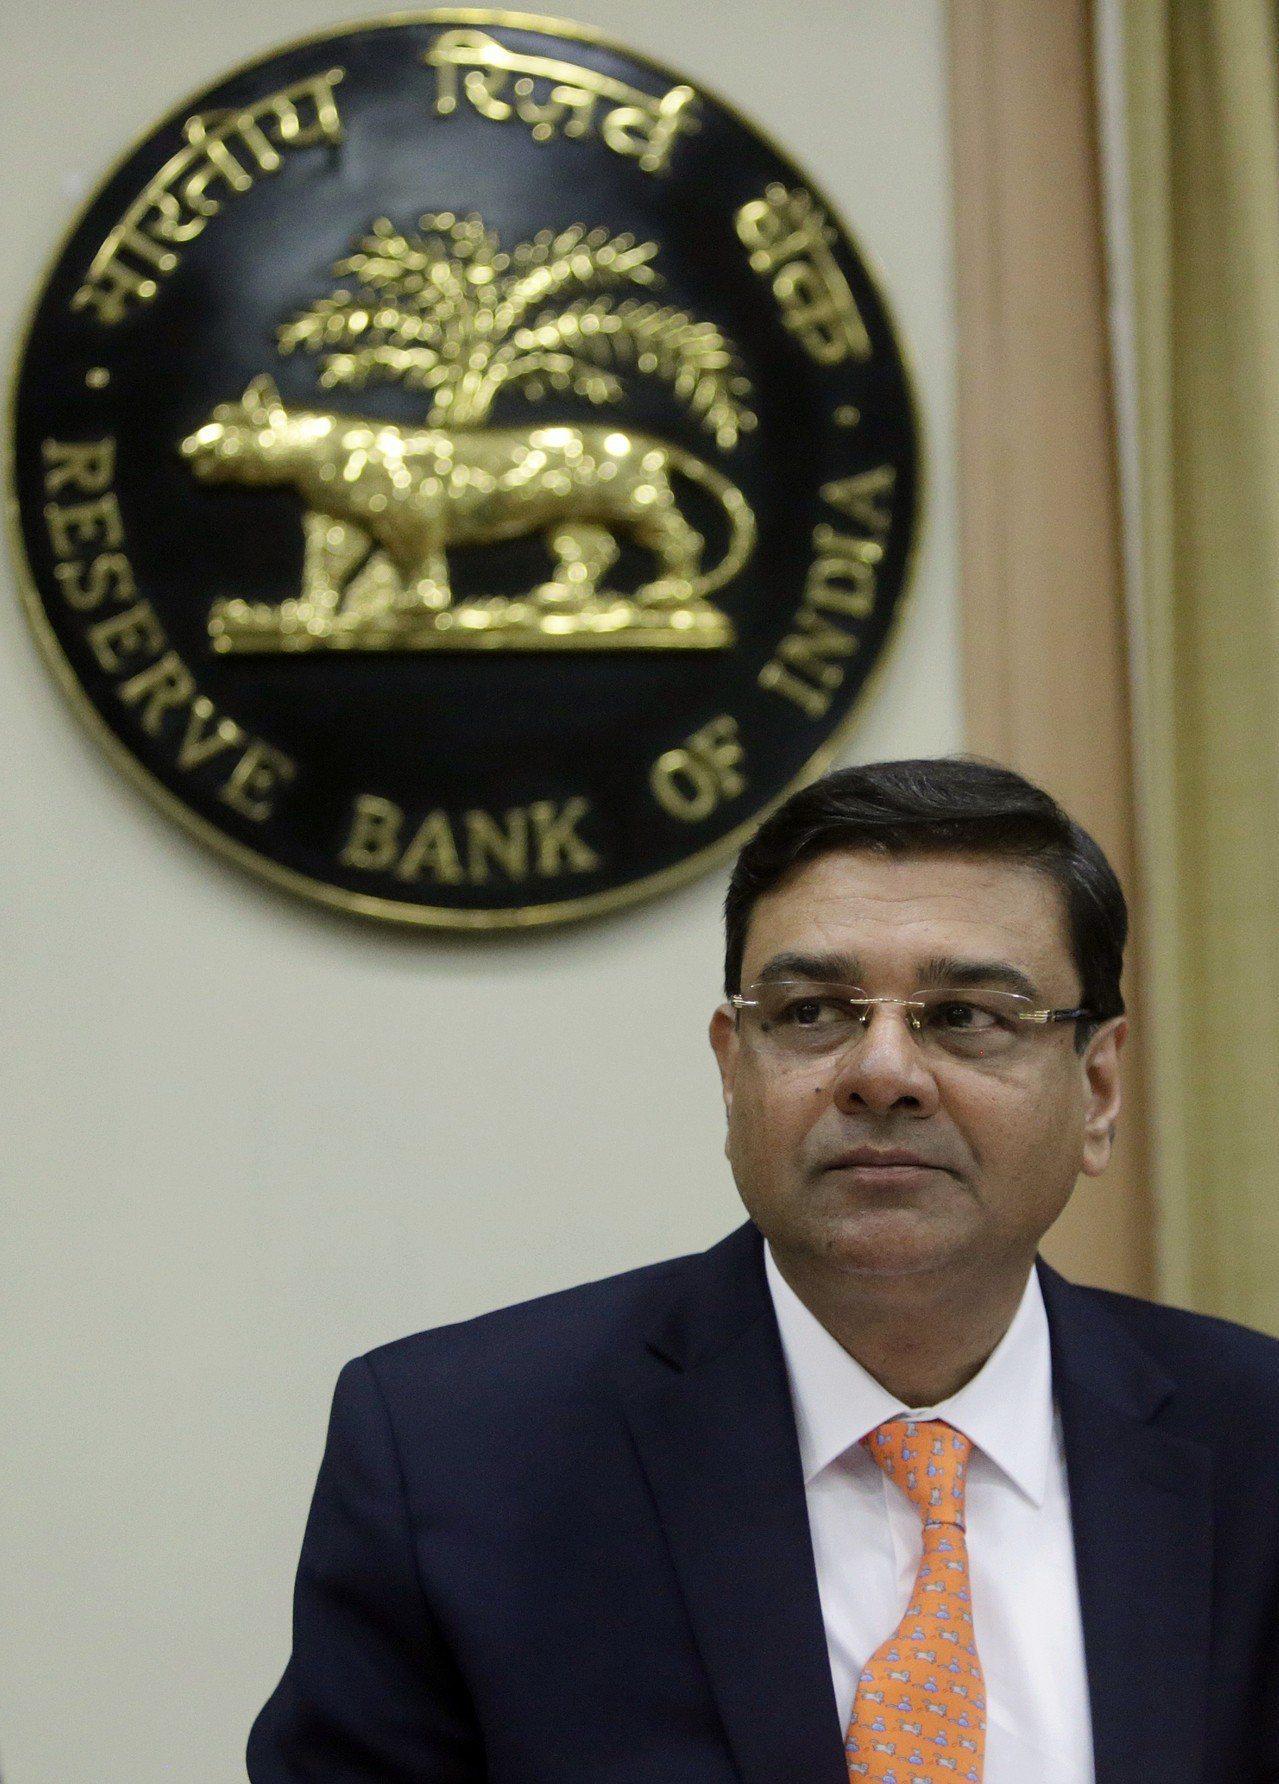 印度央行總裁帕特爾可能辭職的報導,引發印度盧比31日盤中貶破74盧比兌1美元。 ...